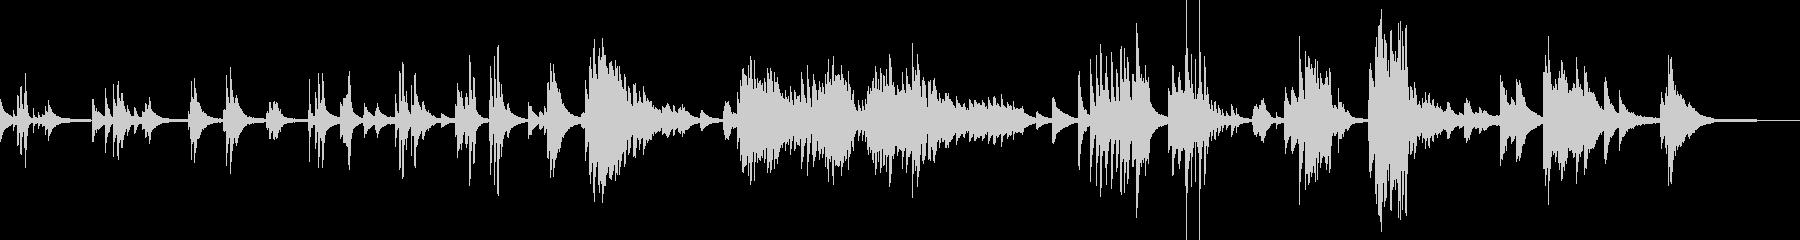 しっとり切ないピアノバラードの未再生の波形